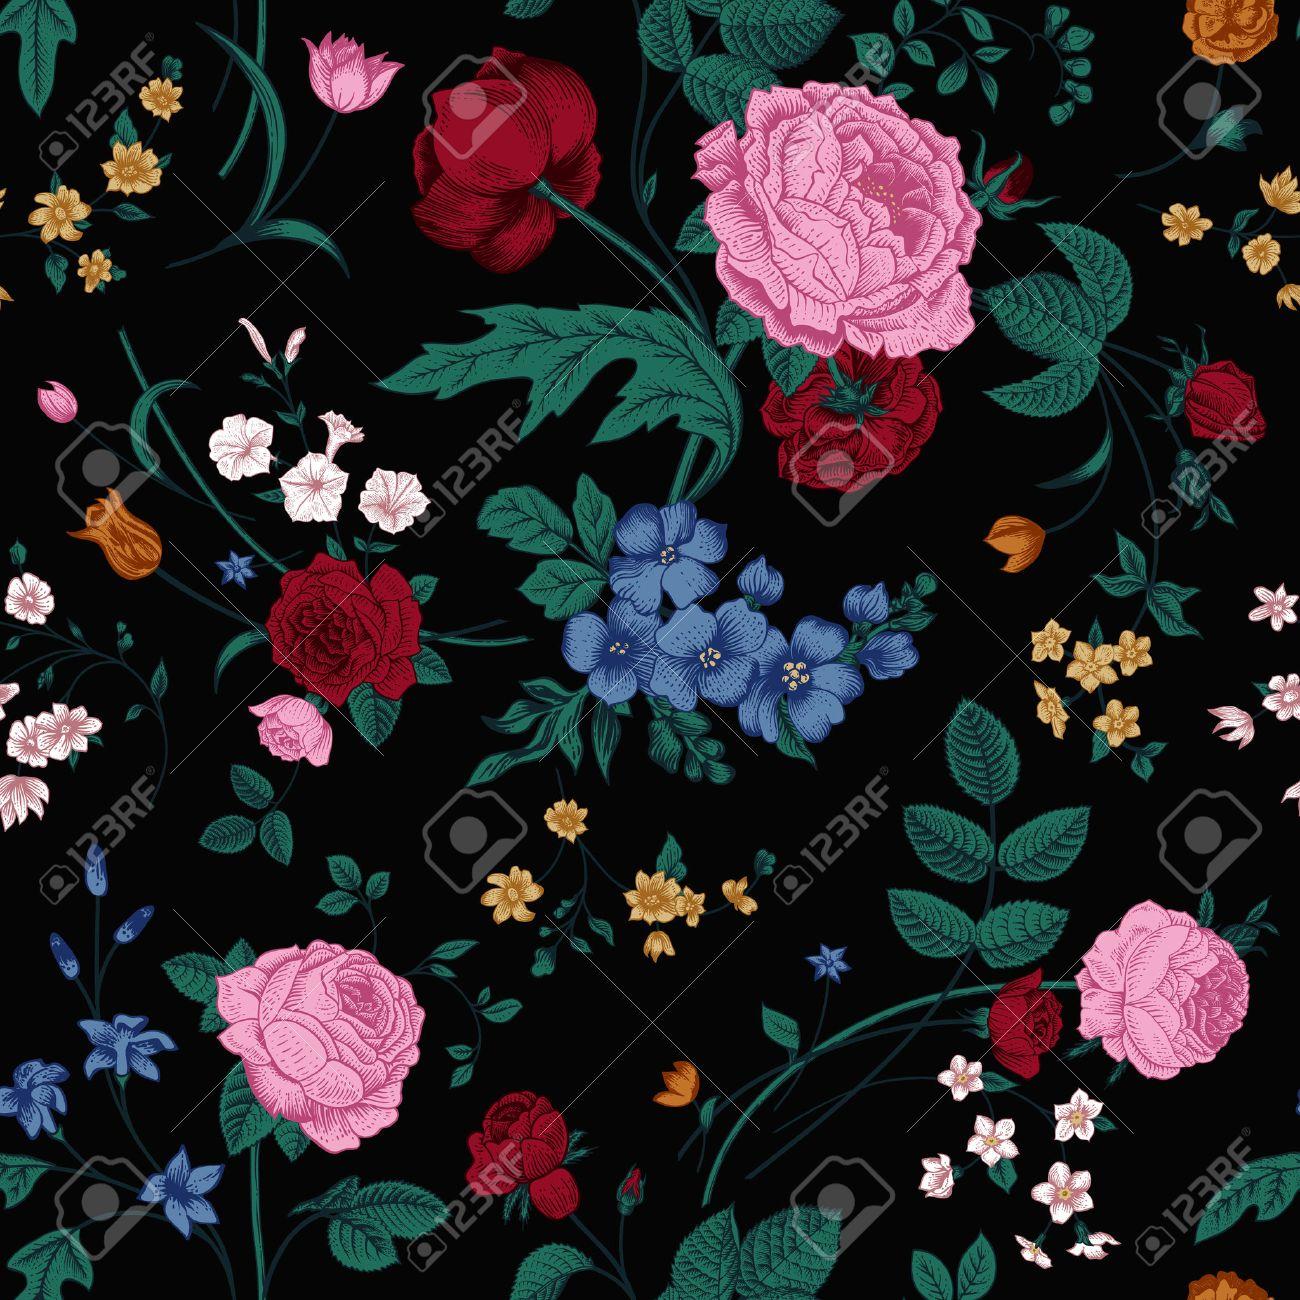 Яркие цветы на черном фоне